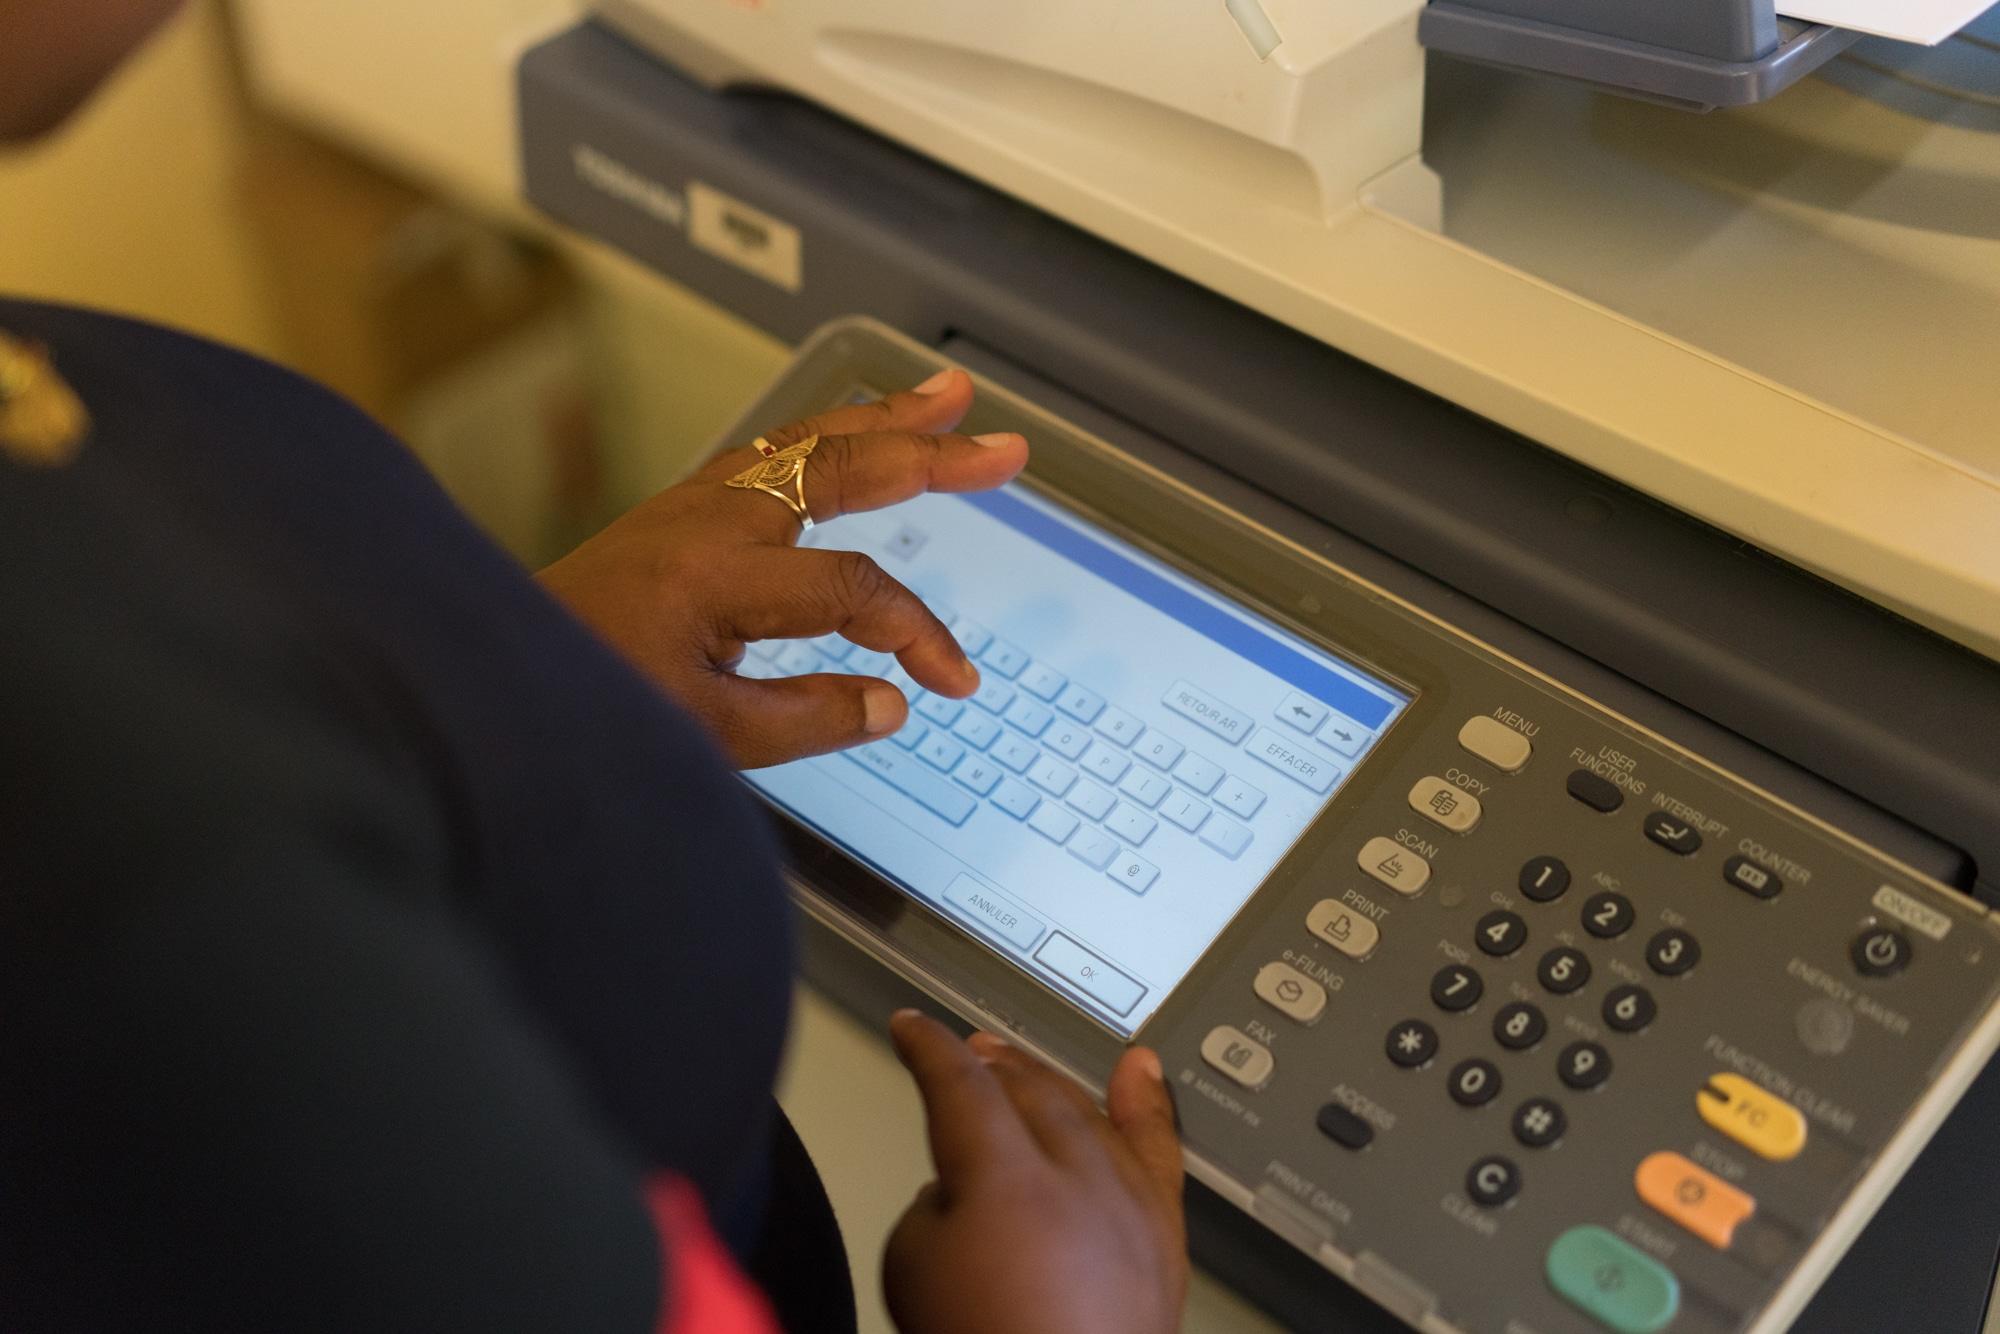 Les mains d'Hayati tapent une adresse email sur l'imprimante